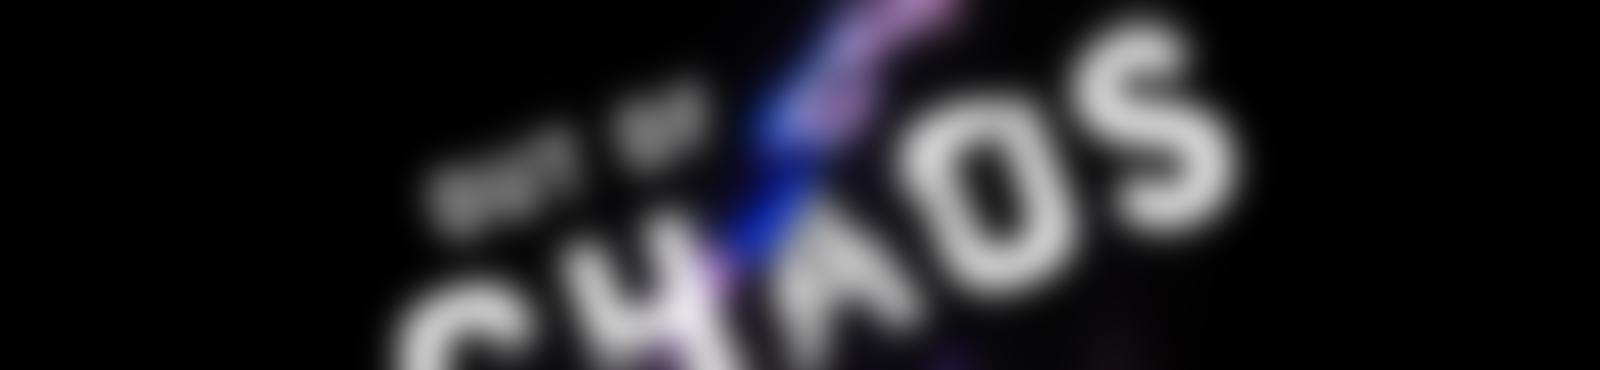 Blurred 1440d732 0f5e 4f89 ae9a f149aa605257